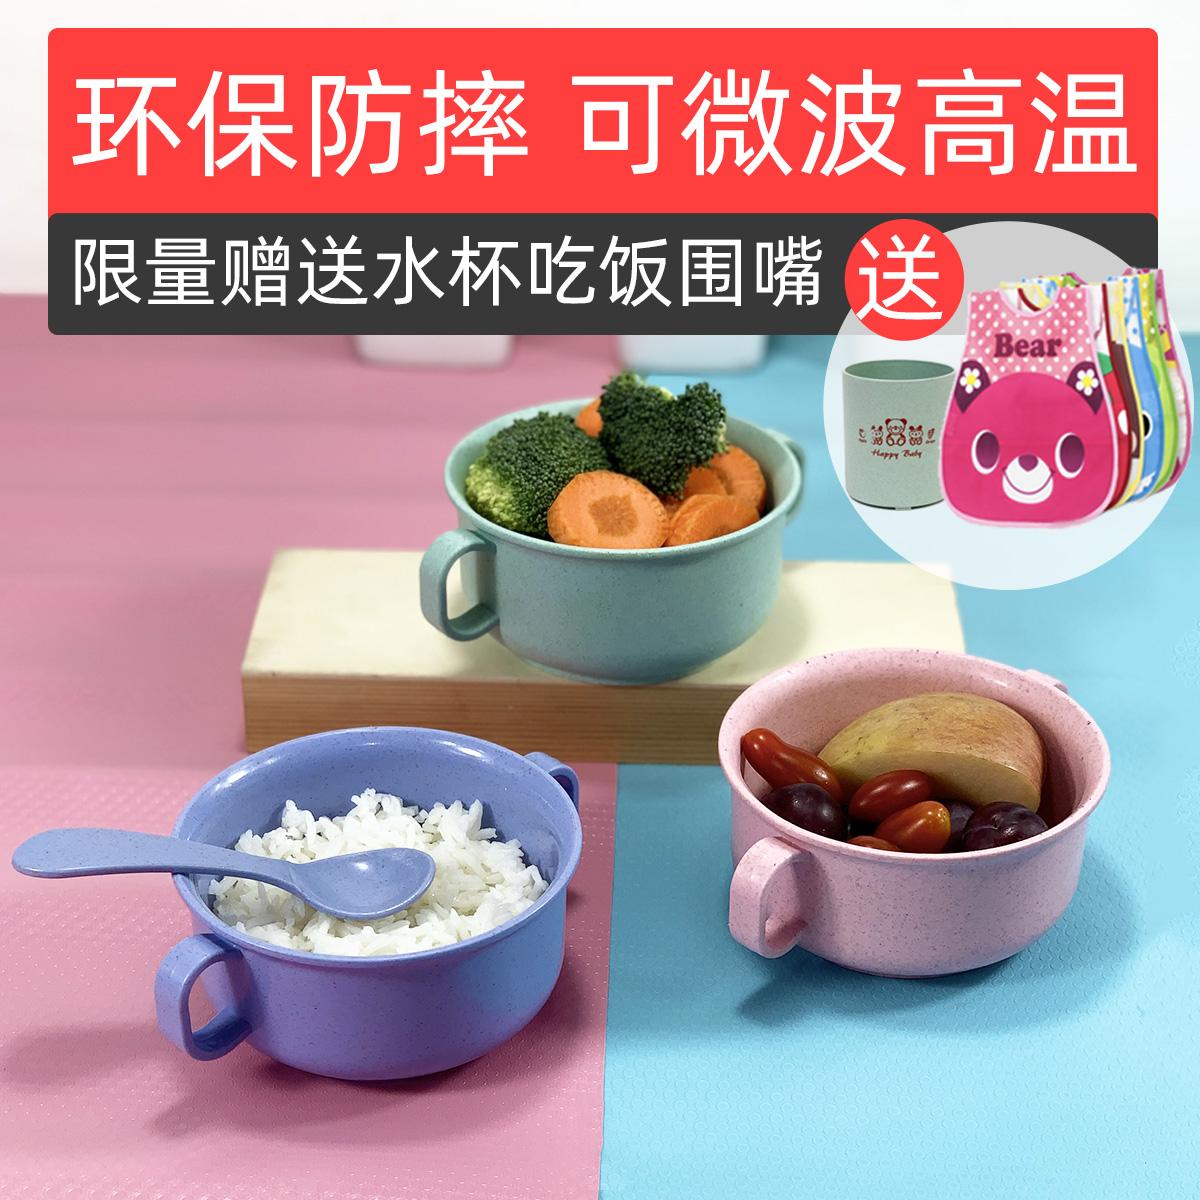 小麦秸秆宝宝餐具儿童防摔碗手柄吃饭碗双耳汤碗婴儿辅食碗带勺子